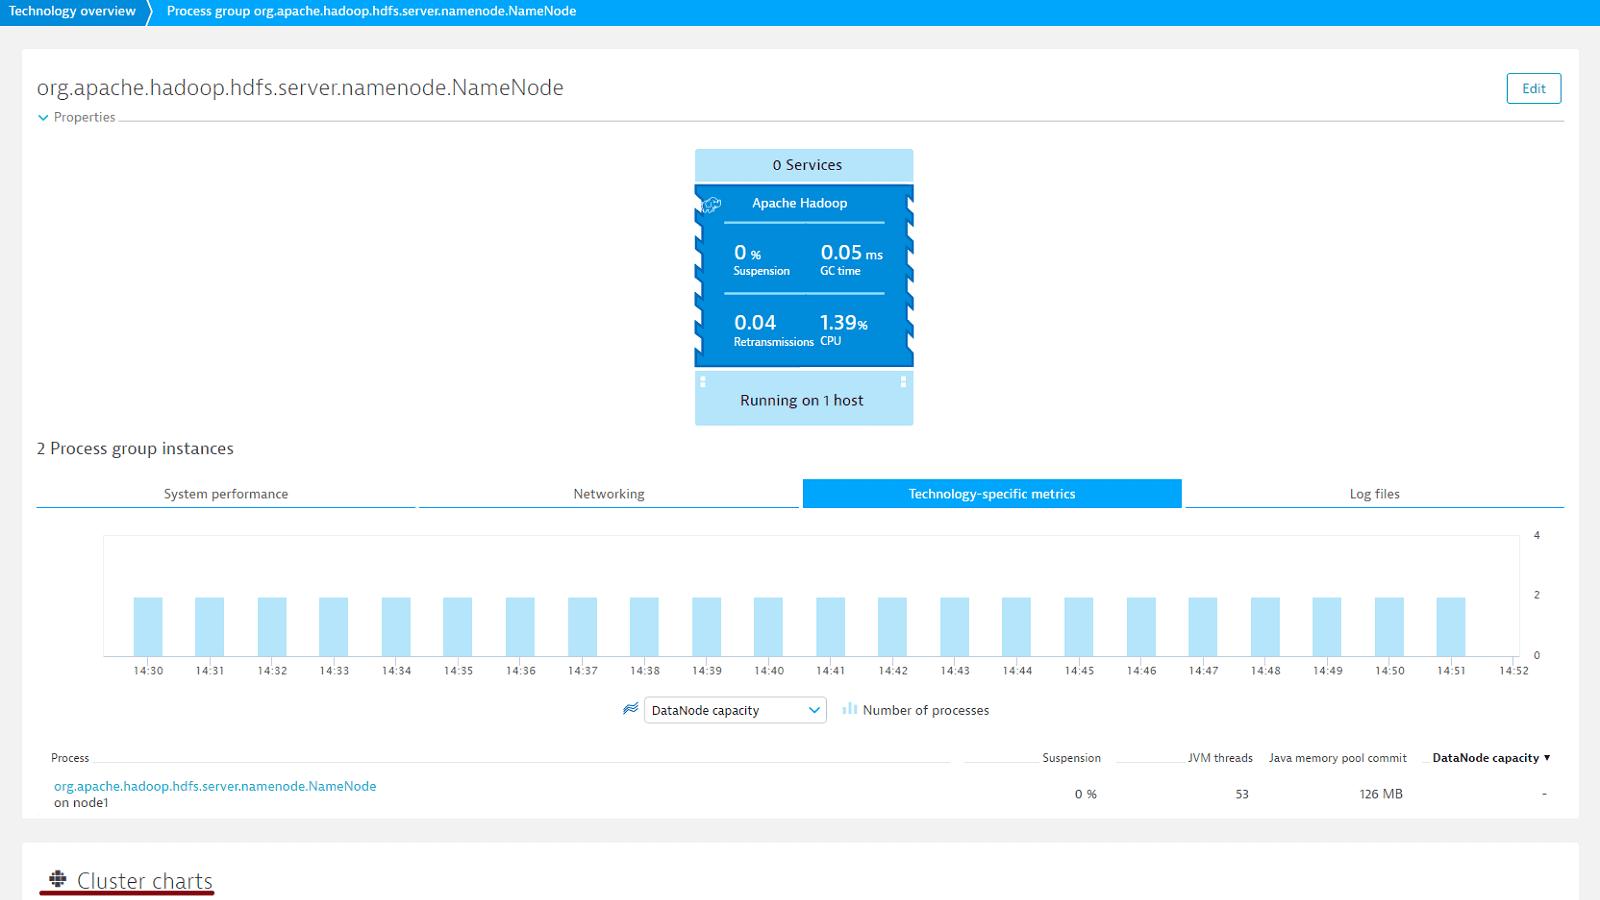 Hadoop NameNode metrics overview